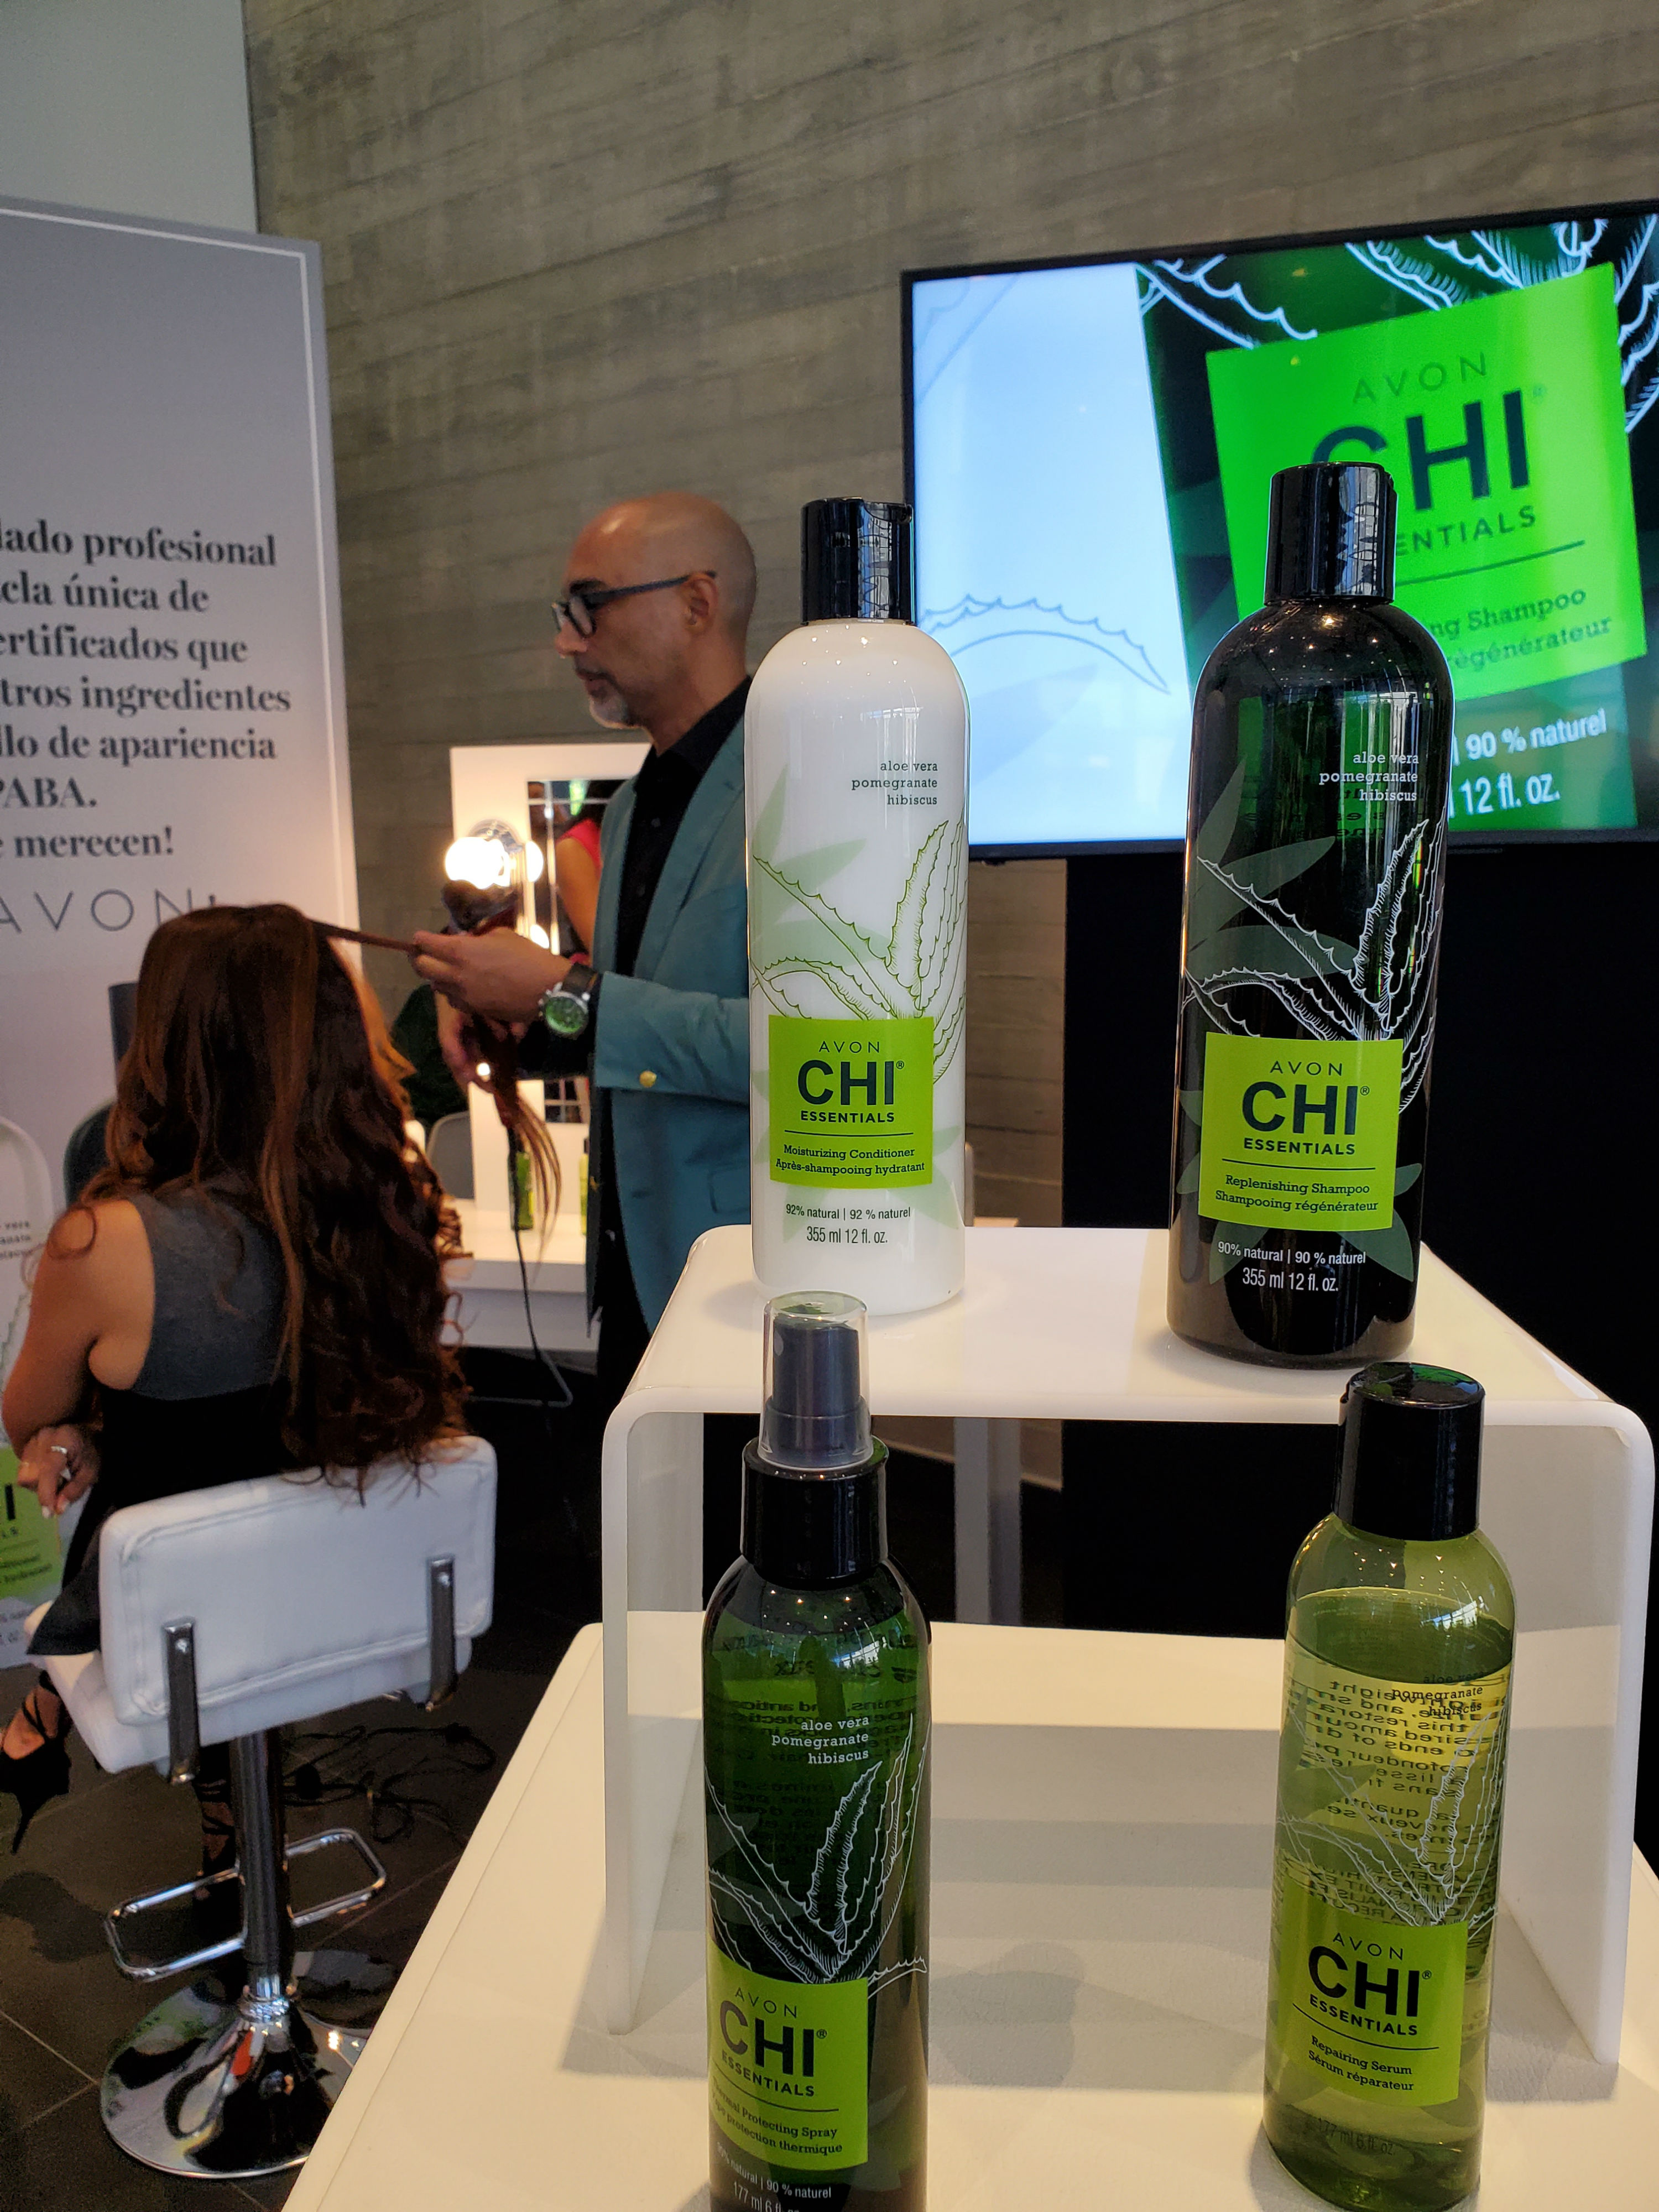 La línea de productos para el cuidado del cabello, Avon Chi Essentials, es libre de sulfato y parabenos. (Suministrada)